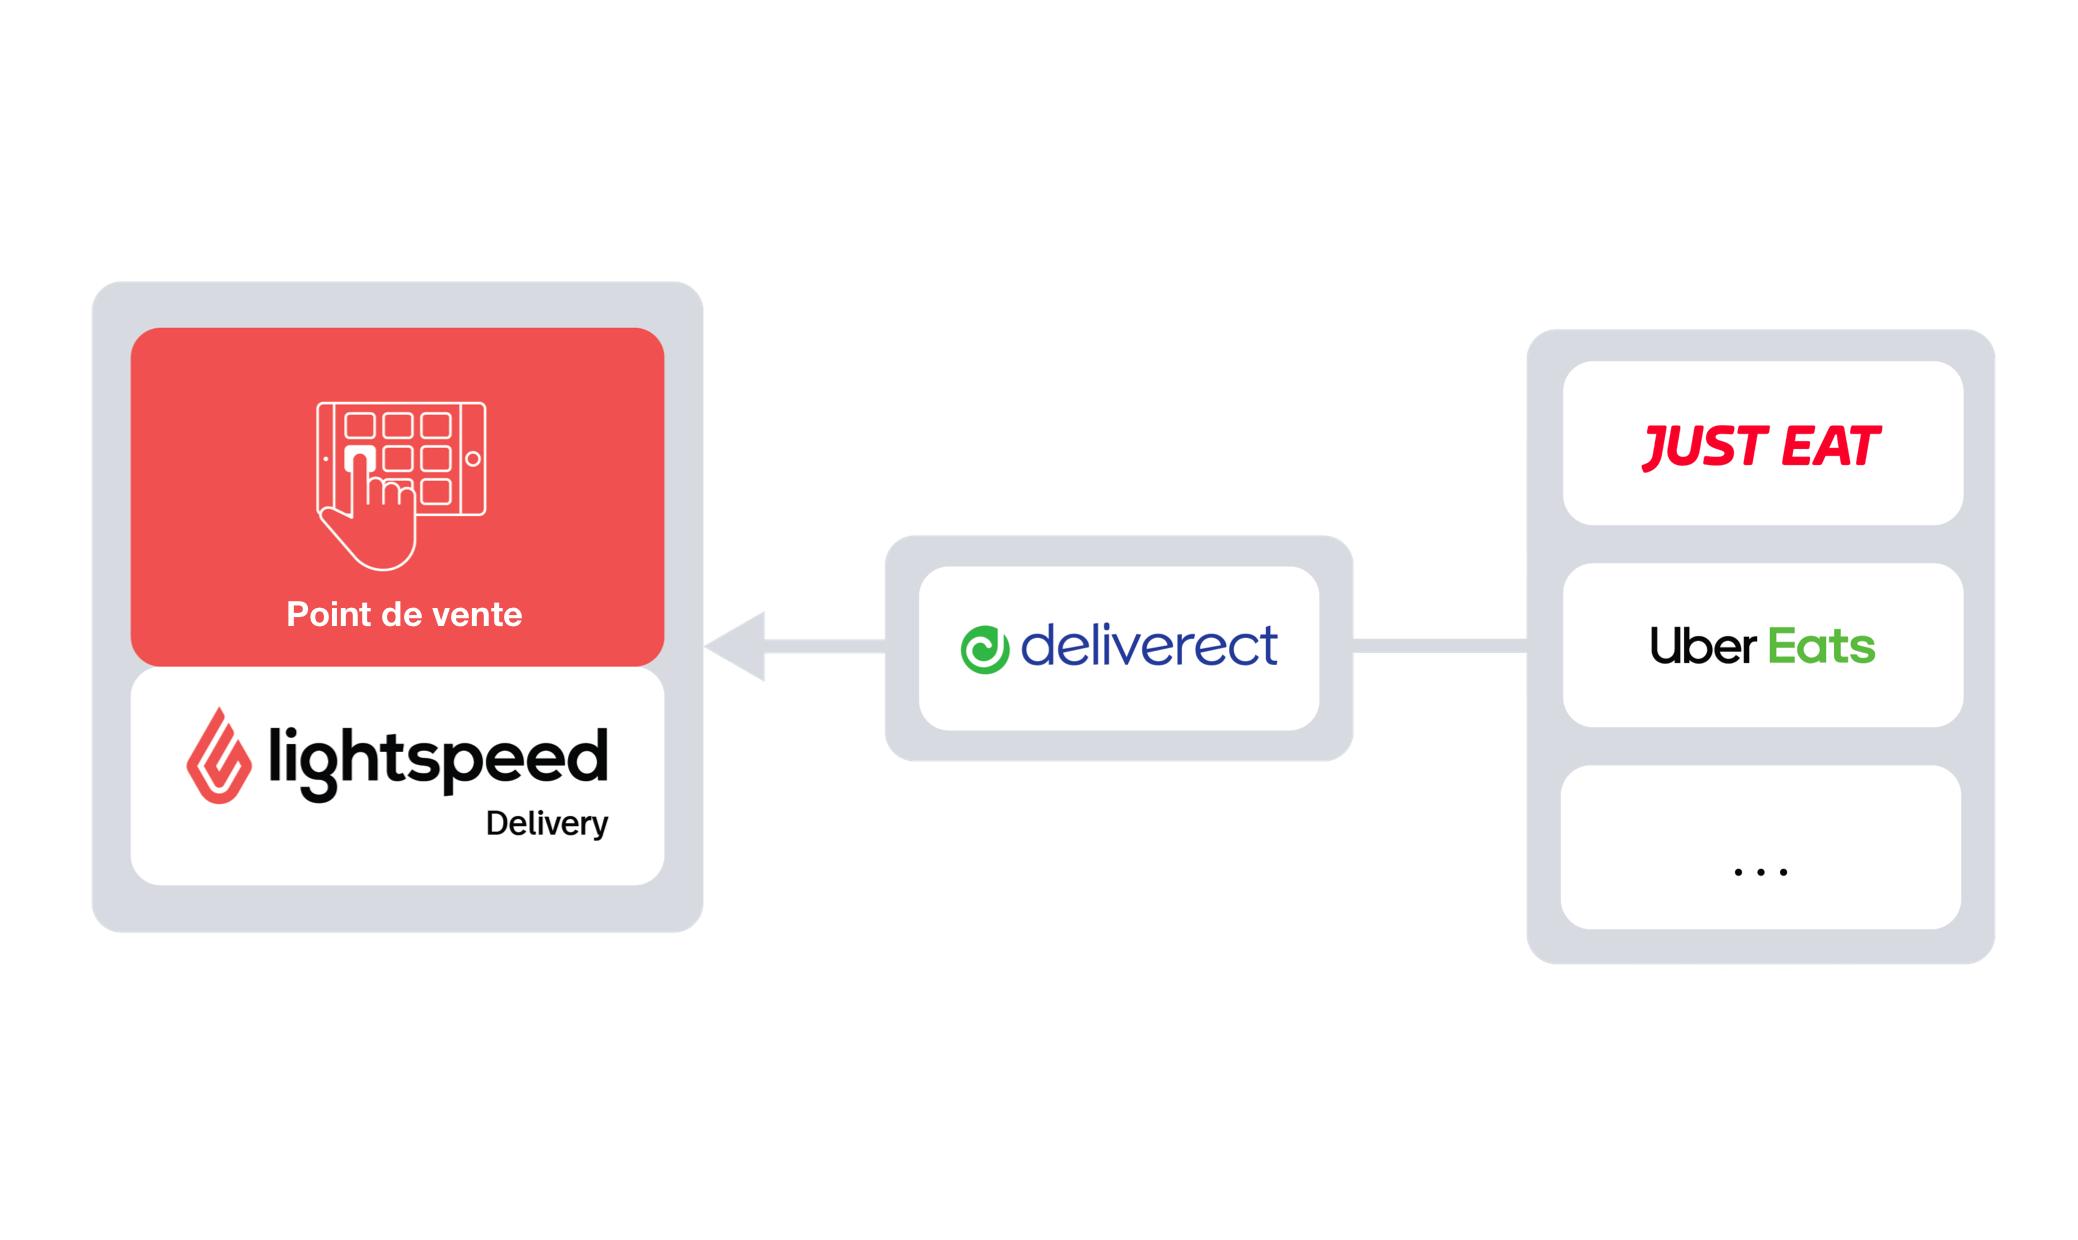 ls-delivery-illustration-fr